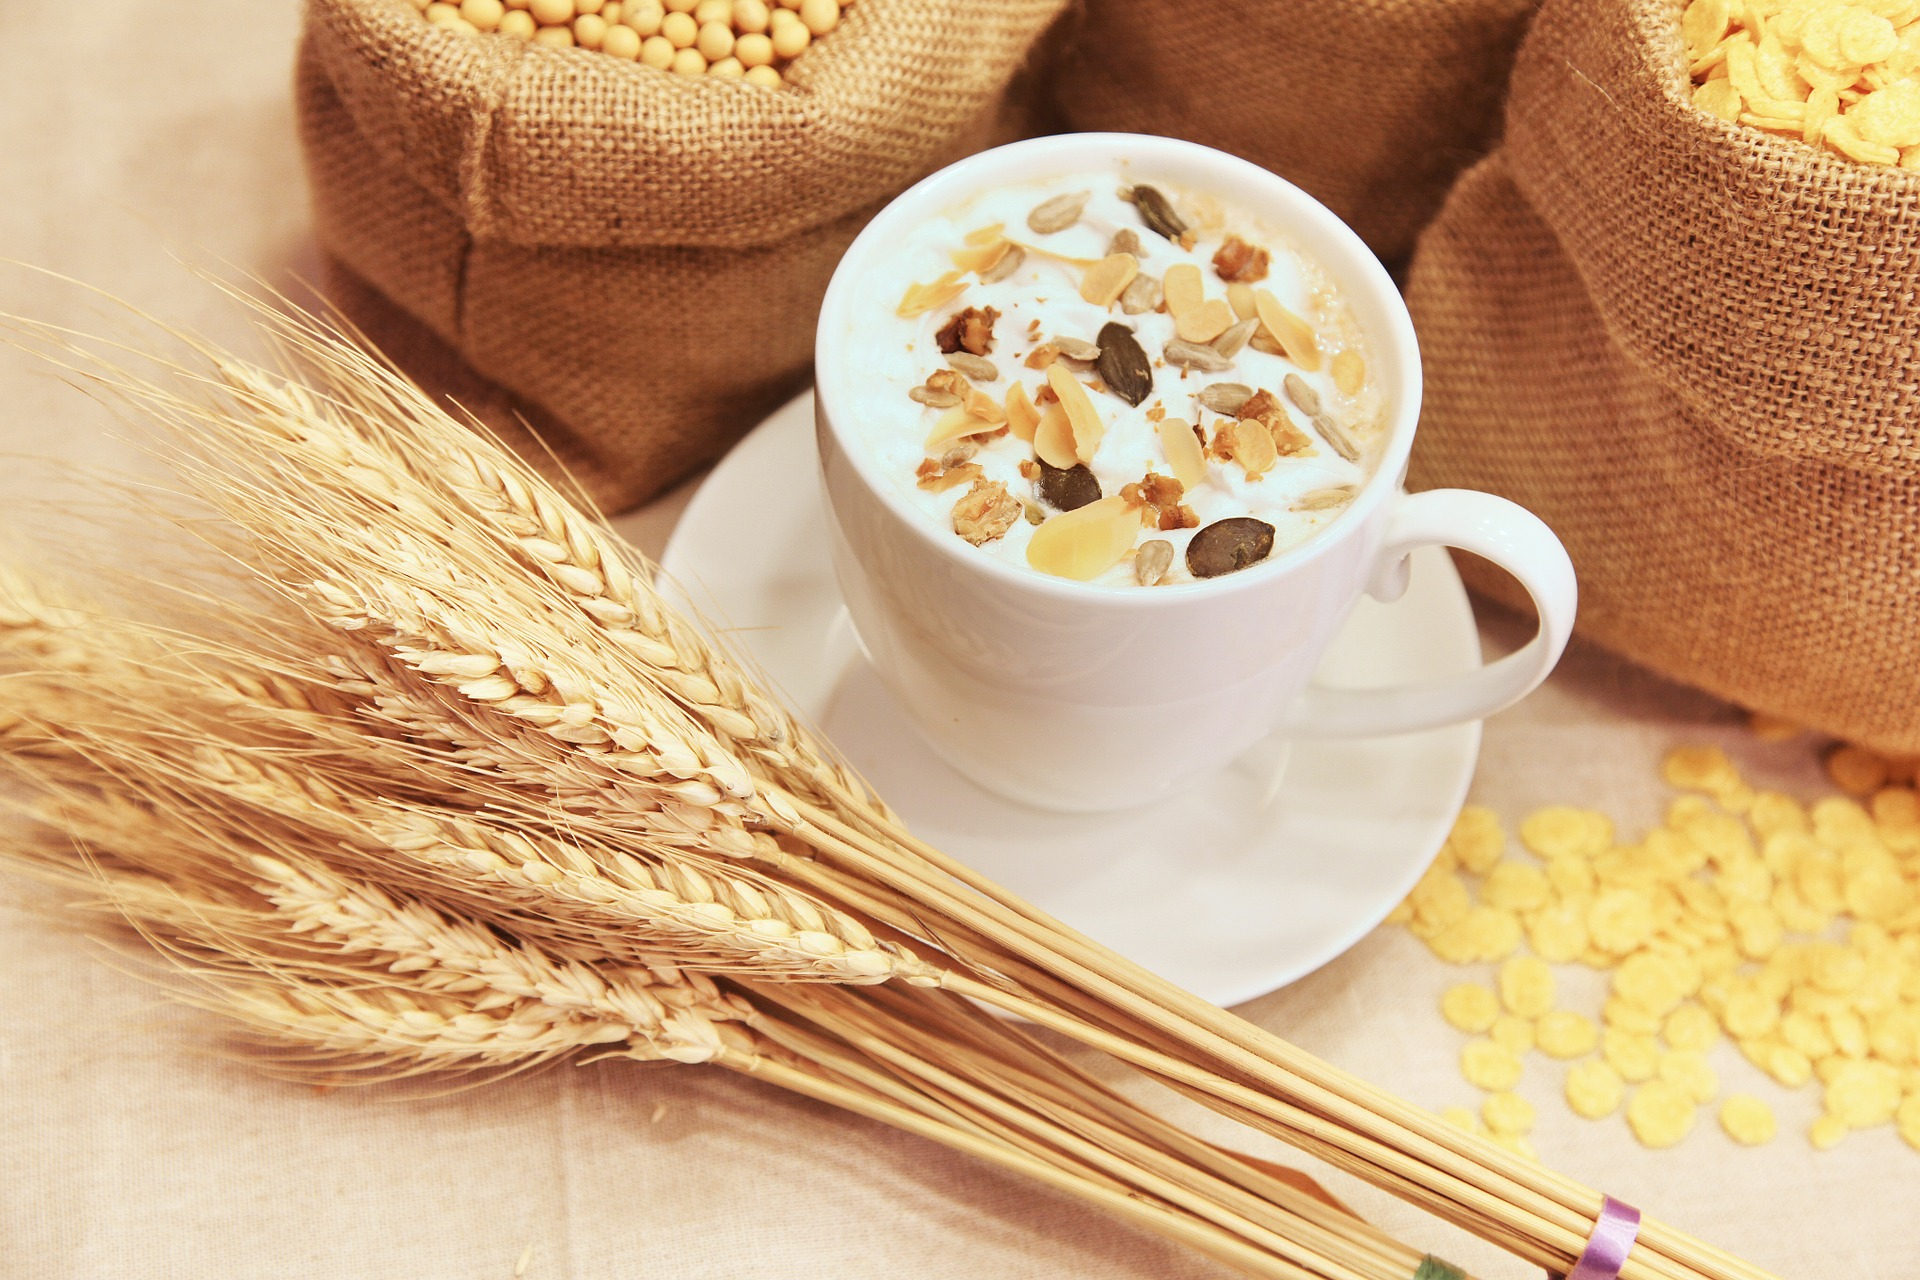 Glutenfreie Ernährung für höhere Konzentration